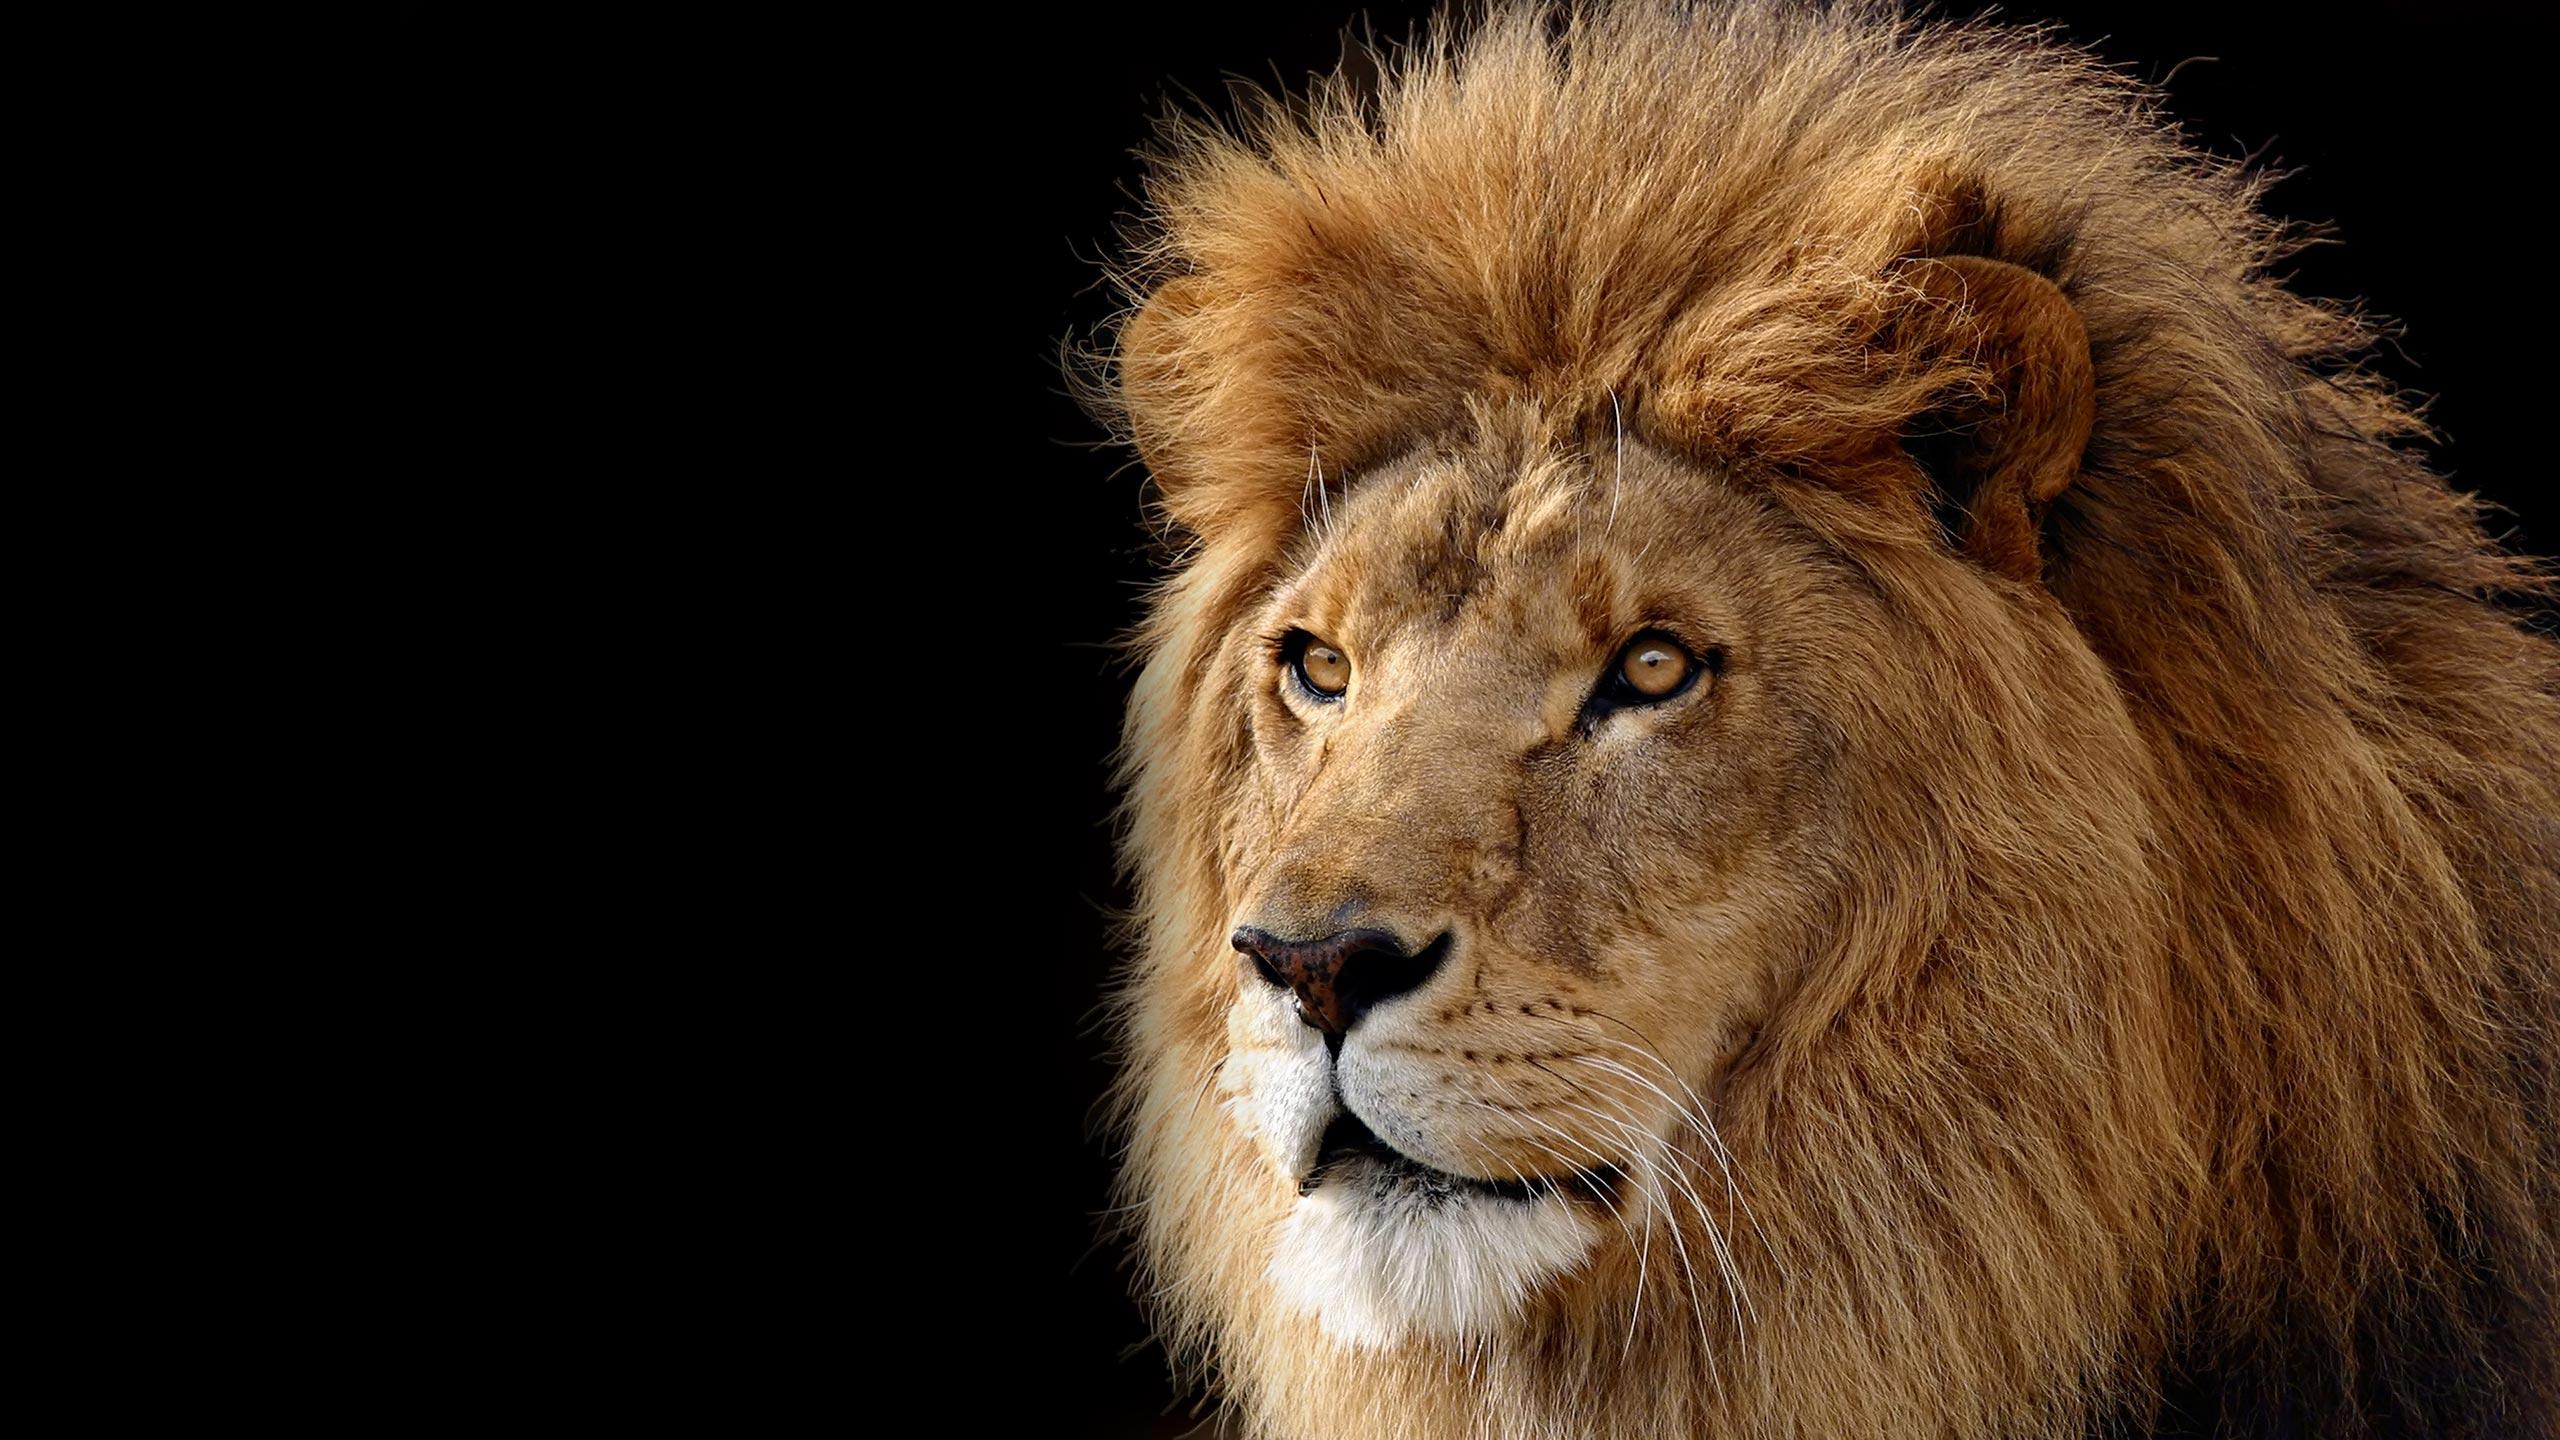 Lions wallpaper 5324 2560x1440 px hdwallsource lions wallpaper 5324 voltagebd Gallery